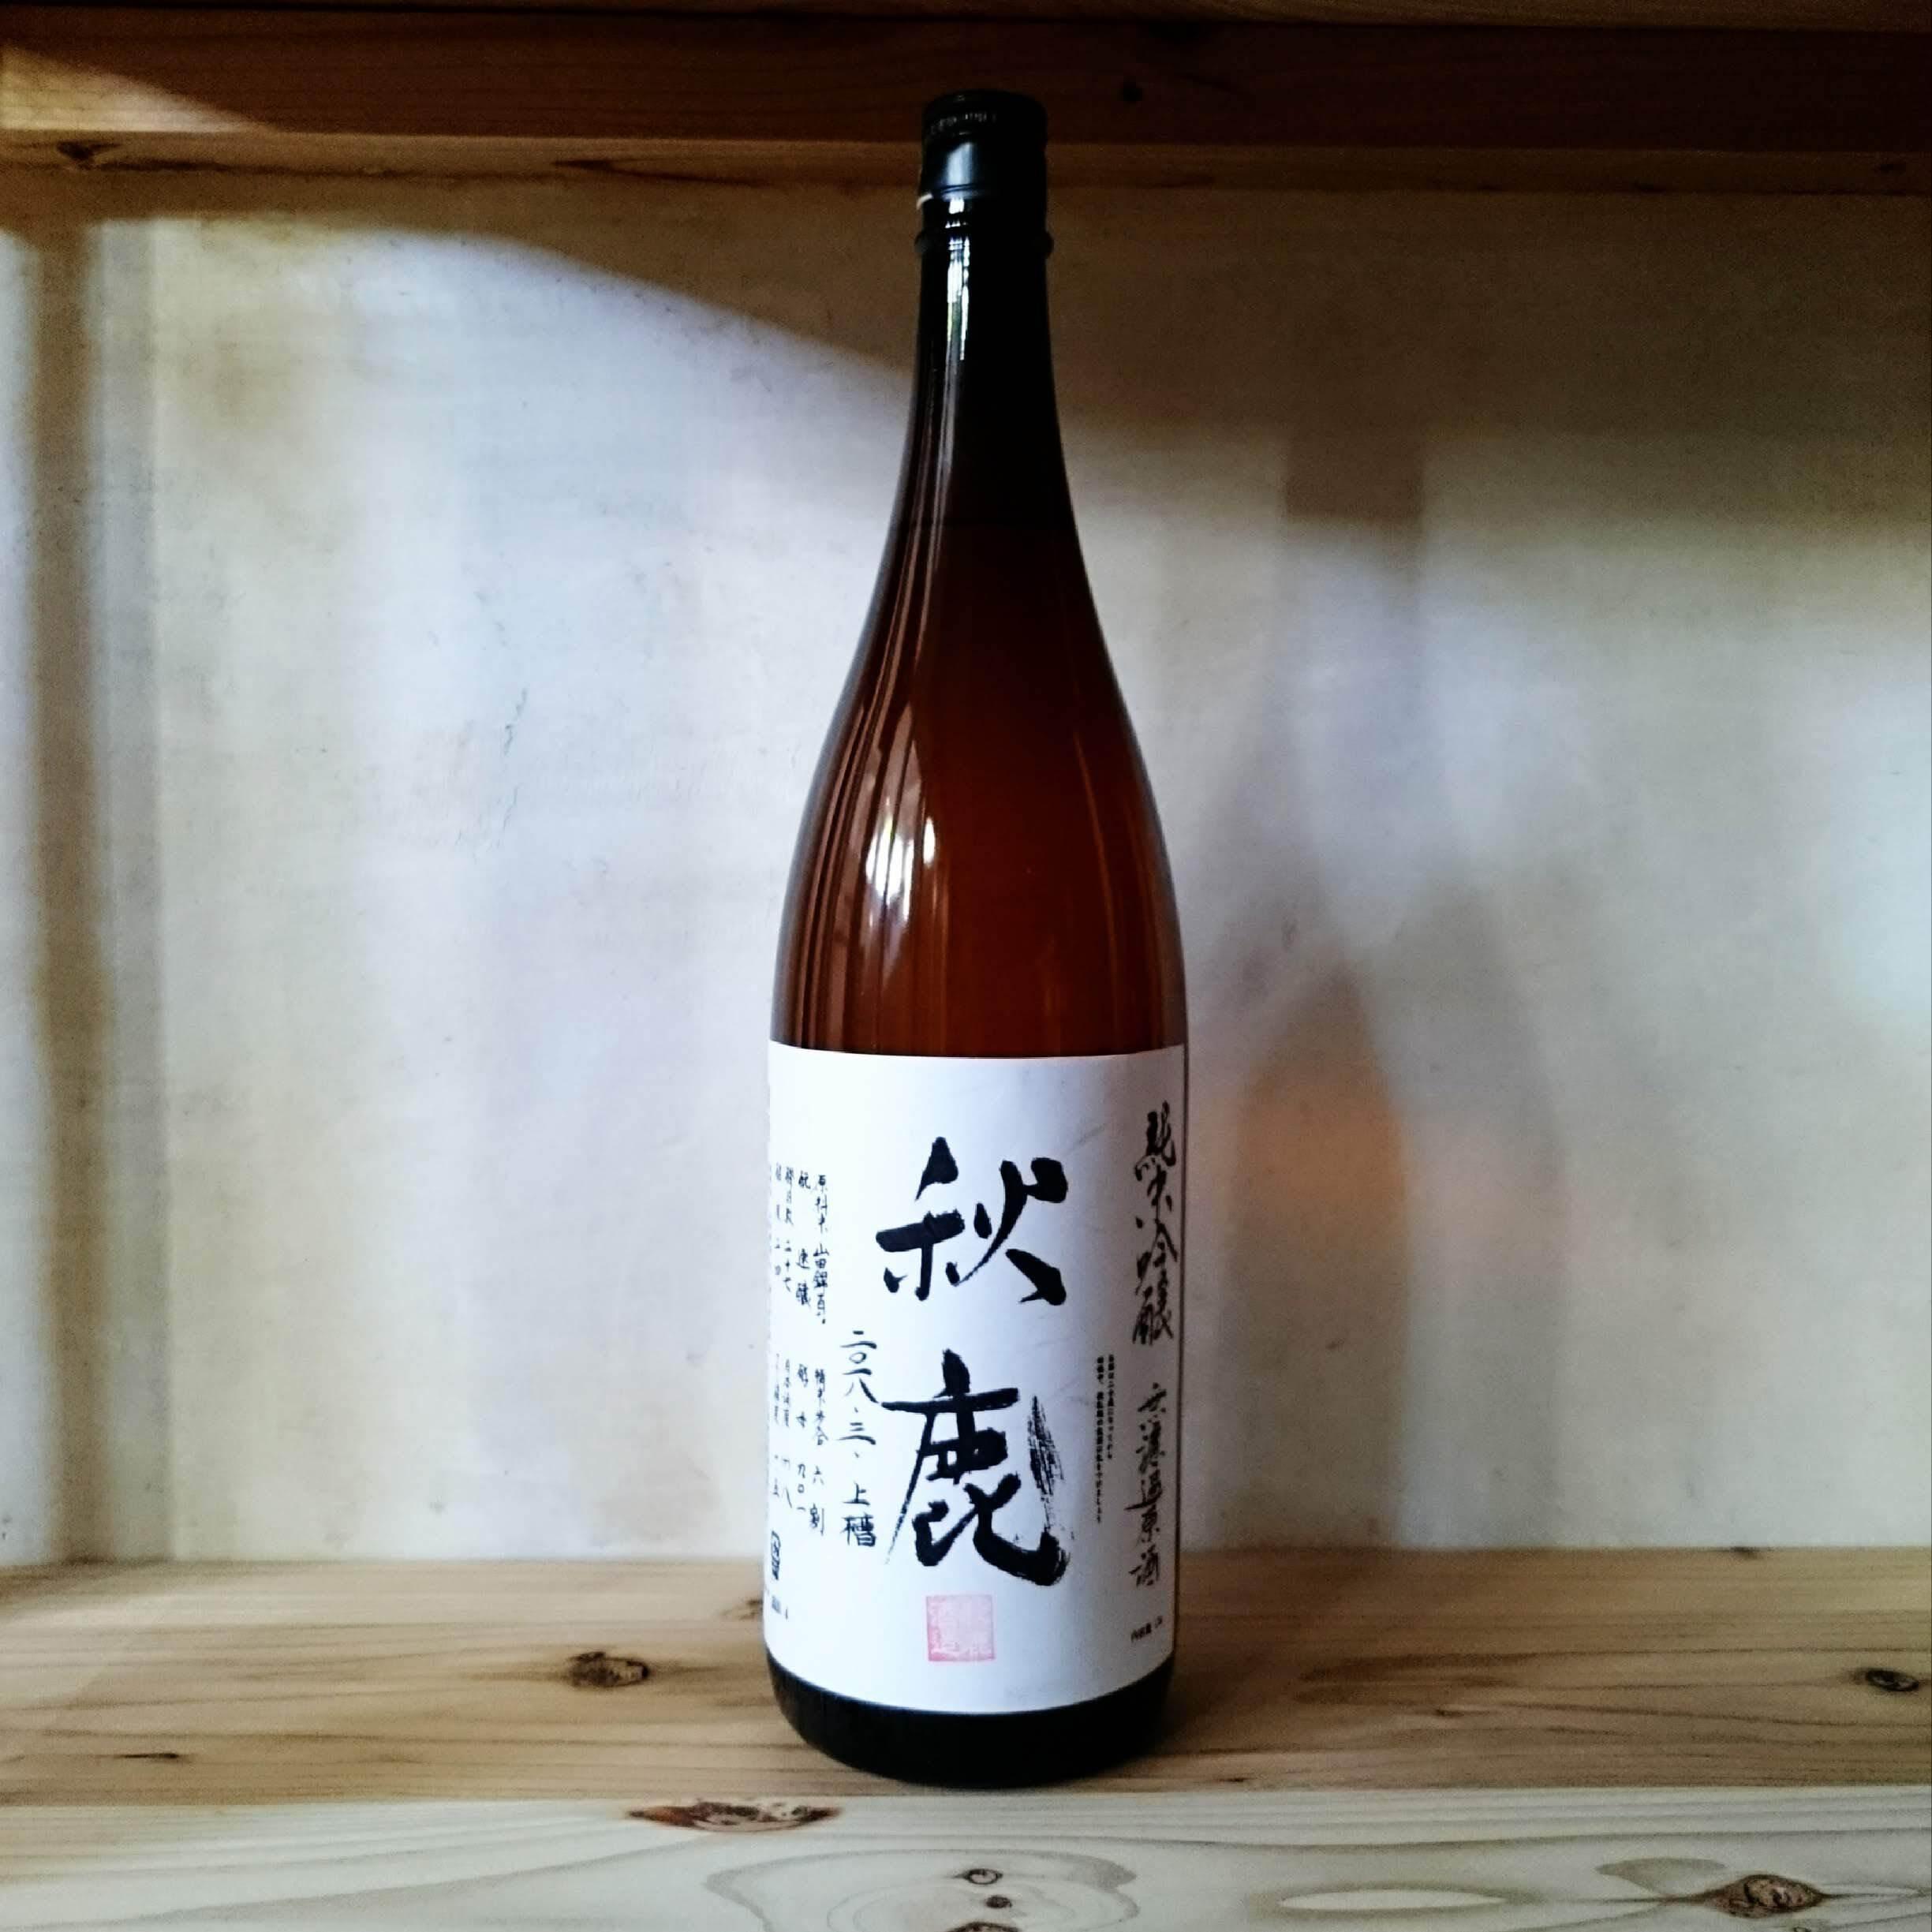 秋鹿 純米吟醸 火入原酒 1.8L